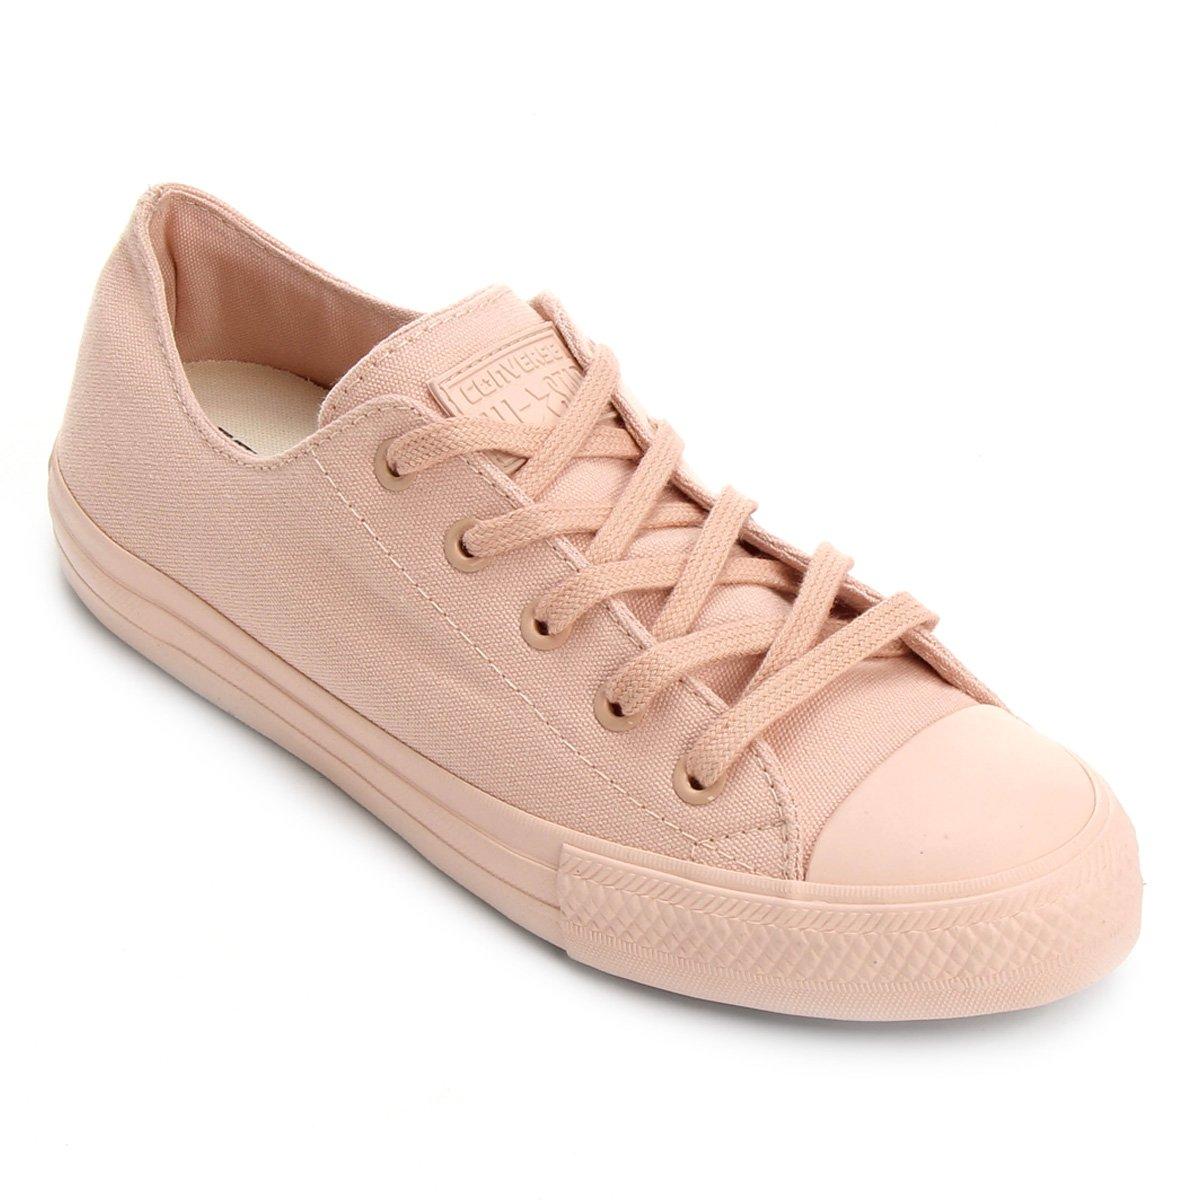 ... usa o produto tênis converse chuck taylor all star gemma feminino rosa  acabou. 94410 659bb 0da113df0f9c1